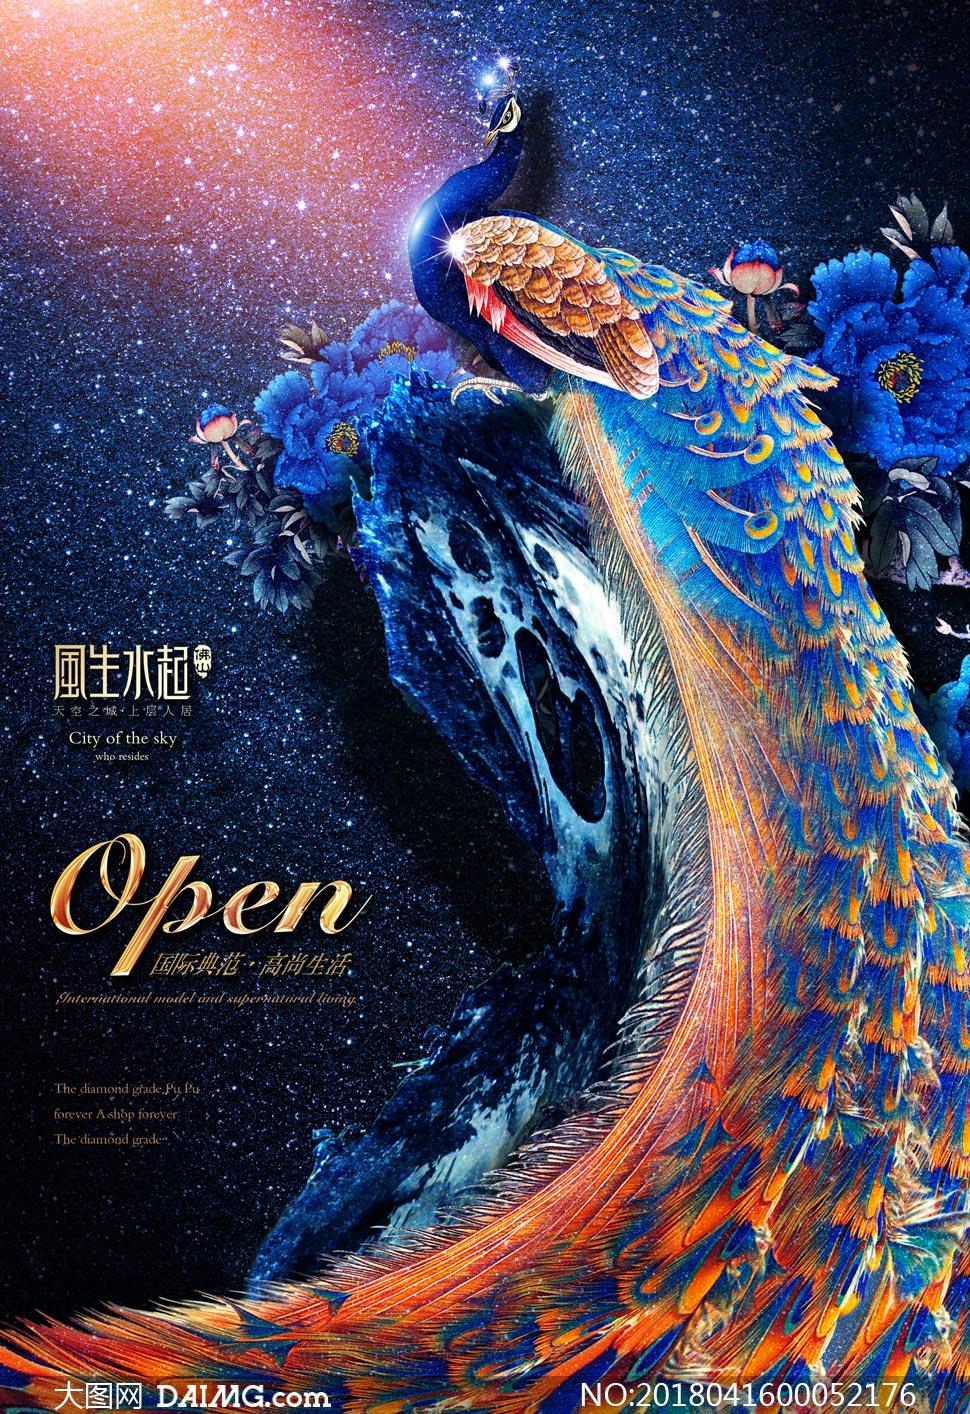 孔雀主题地产海报设计PSD源文件